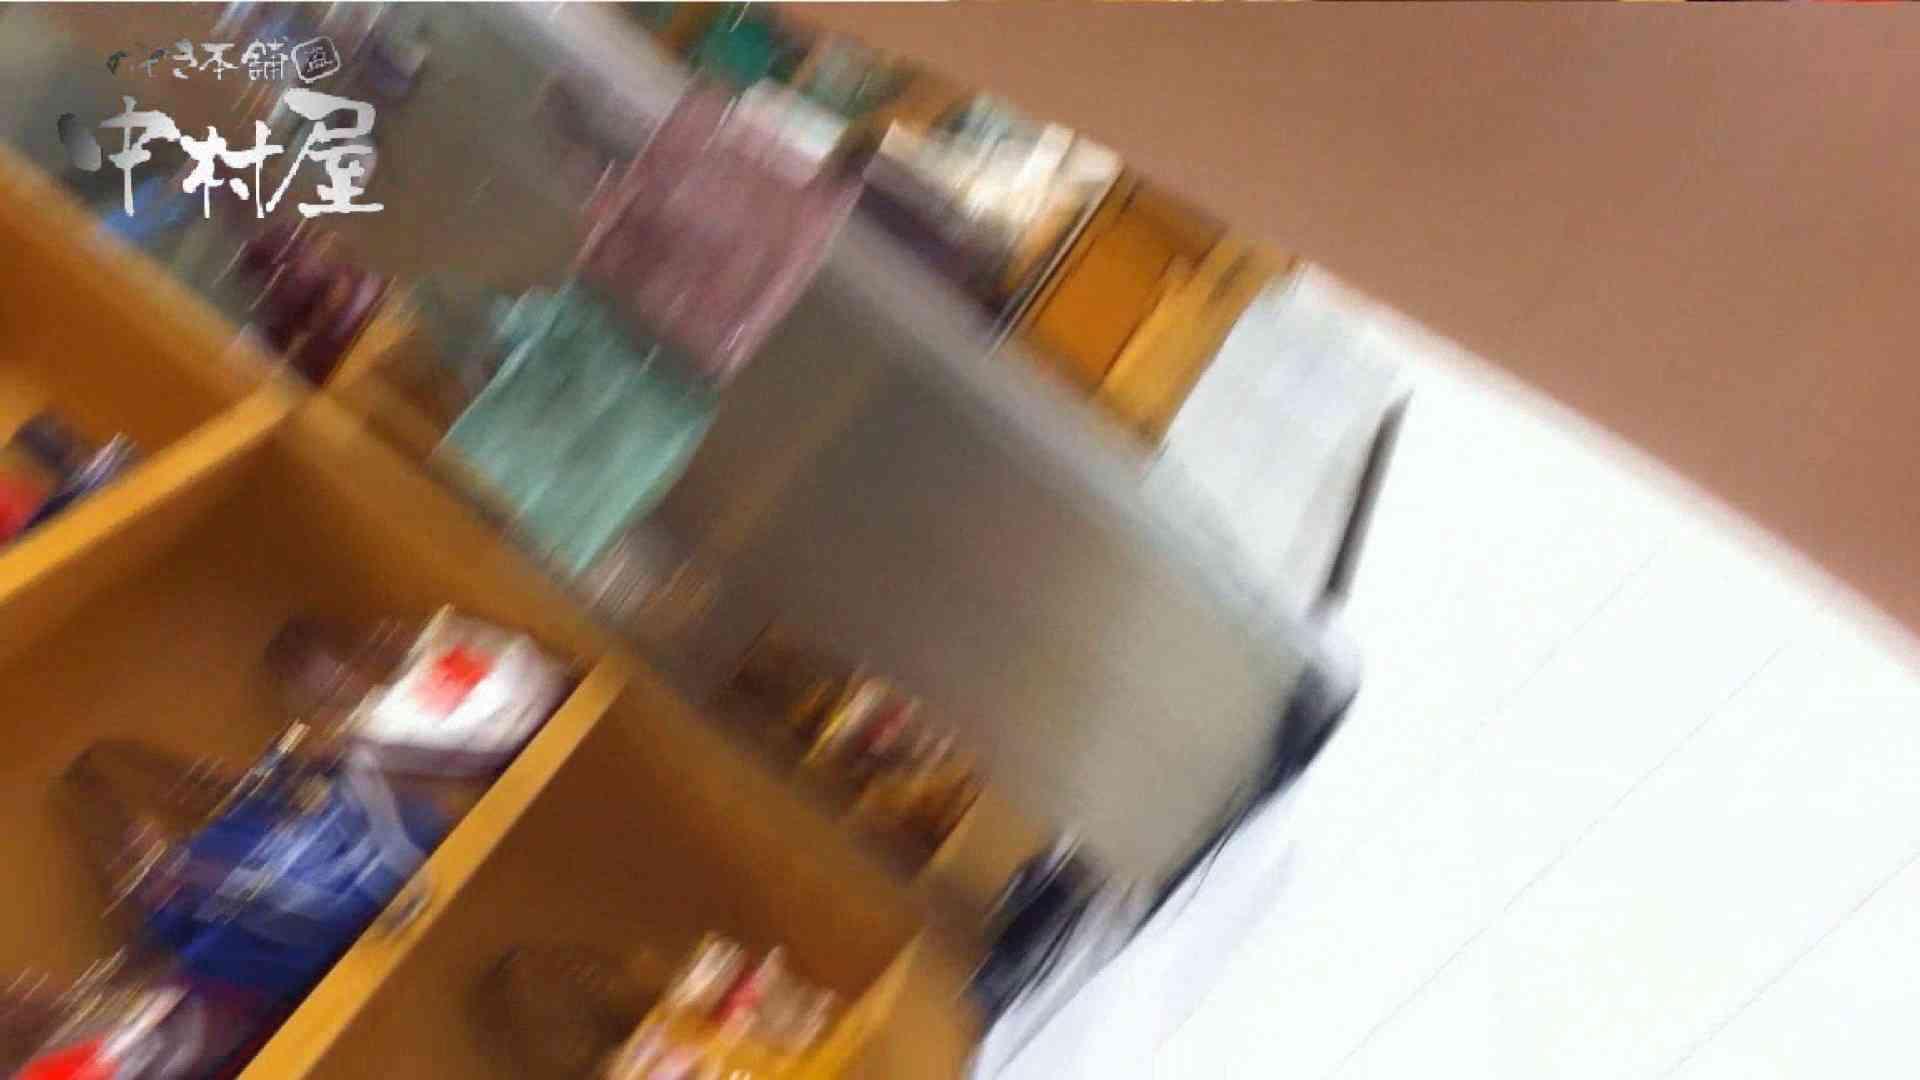 vol.48可愛いカリスマ店員胸チラ&パンチラ アニメ声の店員さん OLセックス 盗撮戯れ無修正画像 110画像 32